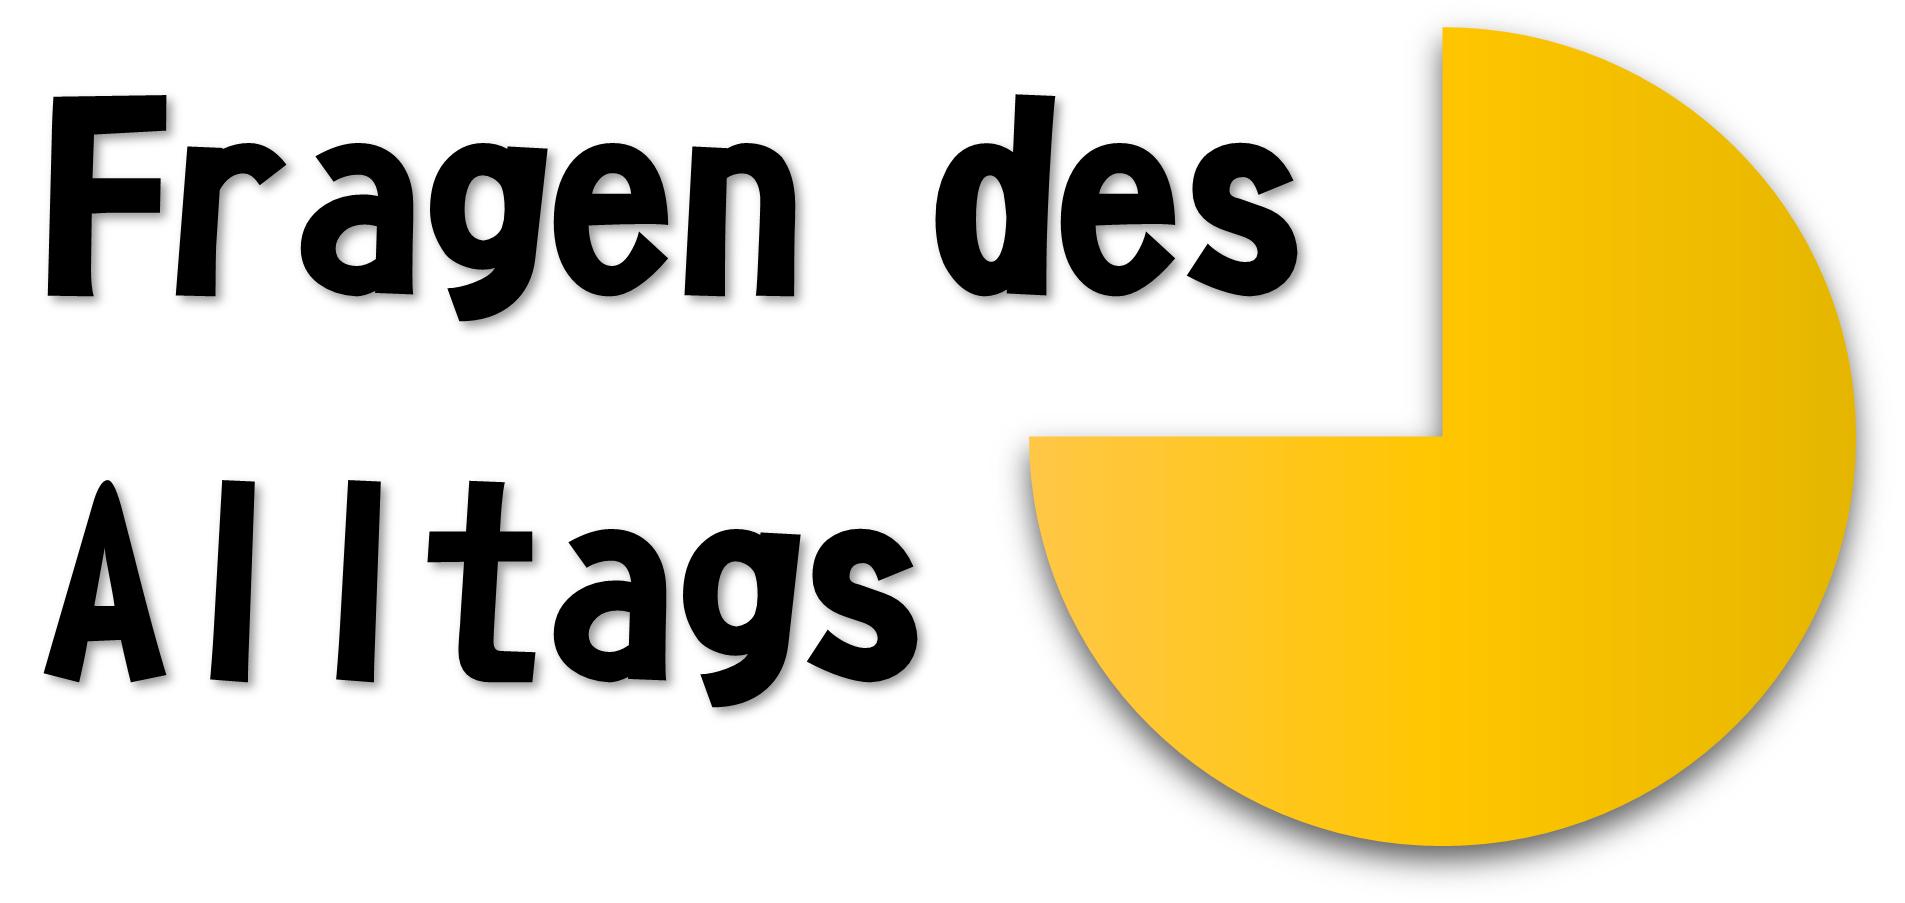 leil.de/di/pics/fragen_des_alltags_15.png